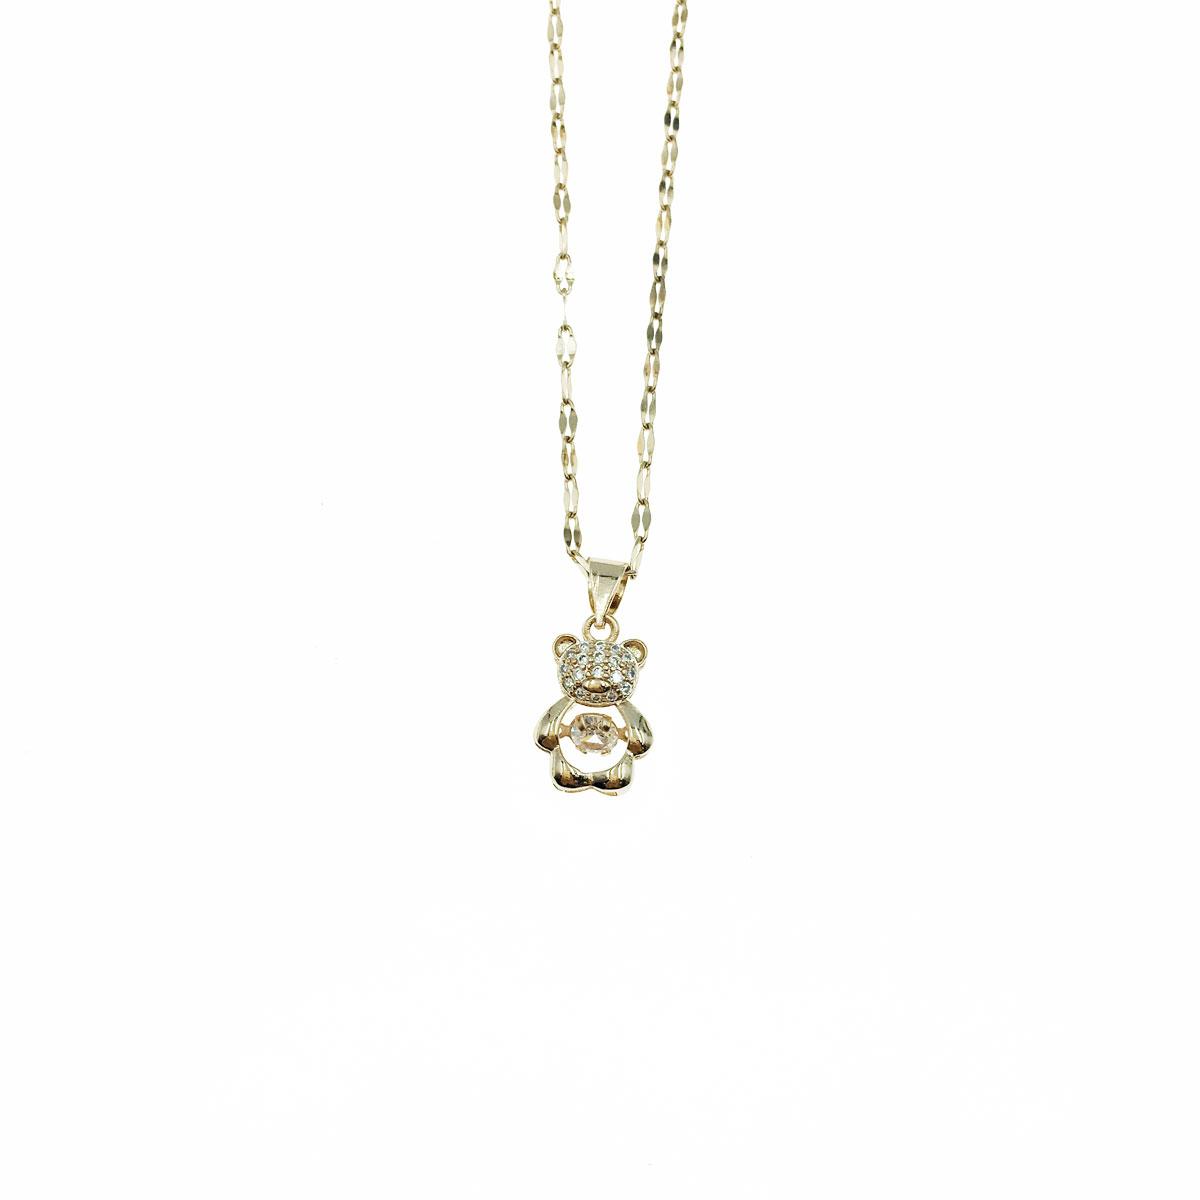 韓國 不銹鋼 小熊 水鑽 簍空 鎖骨鍊 短鍊 項鍊 飾品